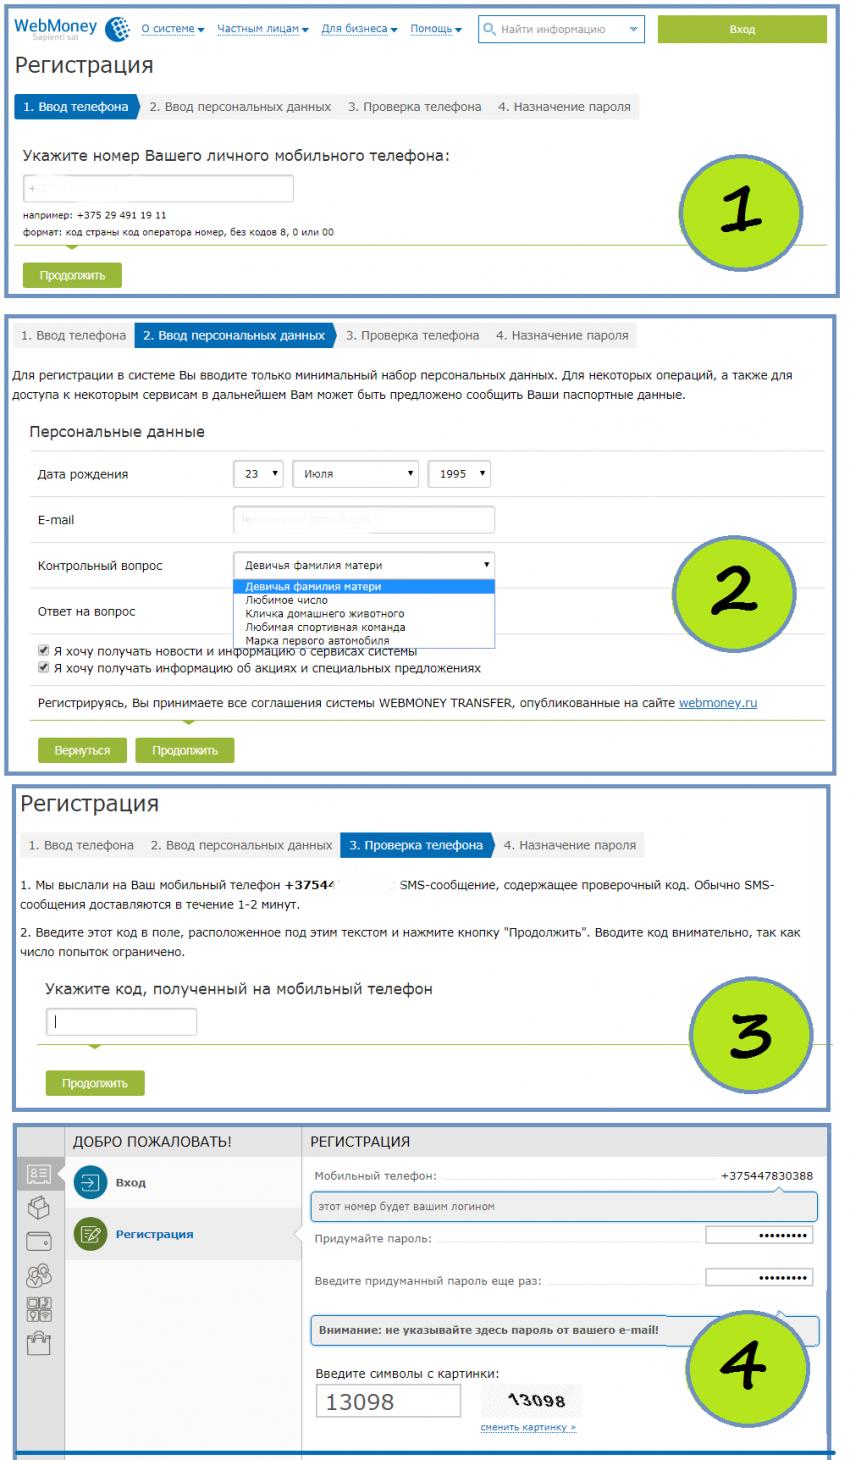 Как перевести деньги с телефона на webmoney в беларуси